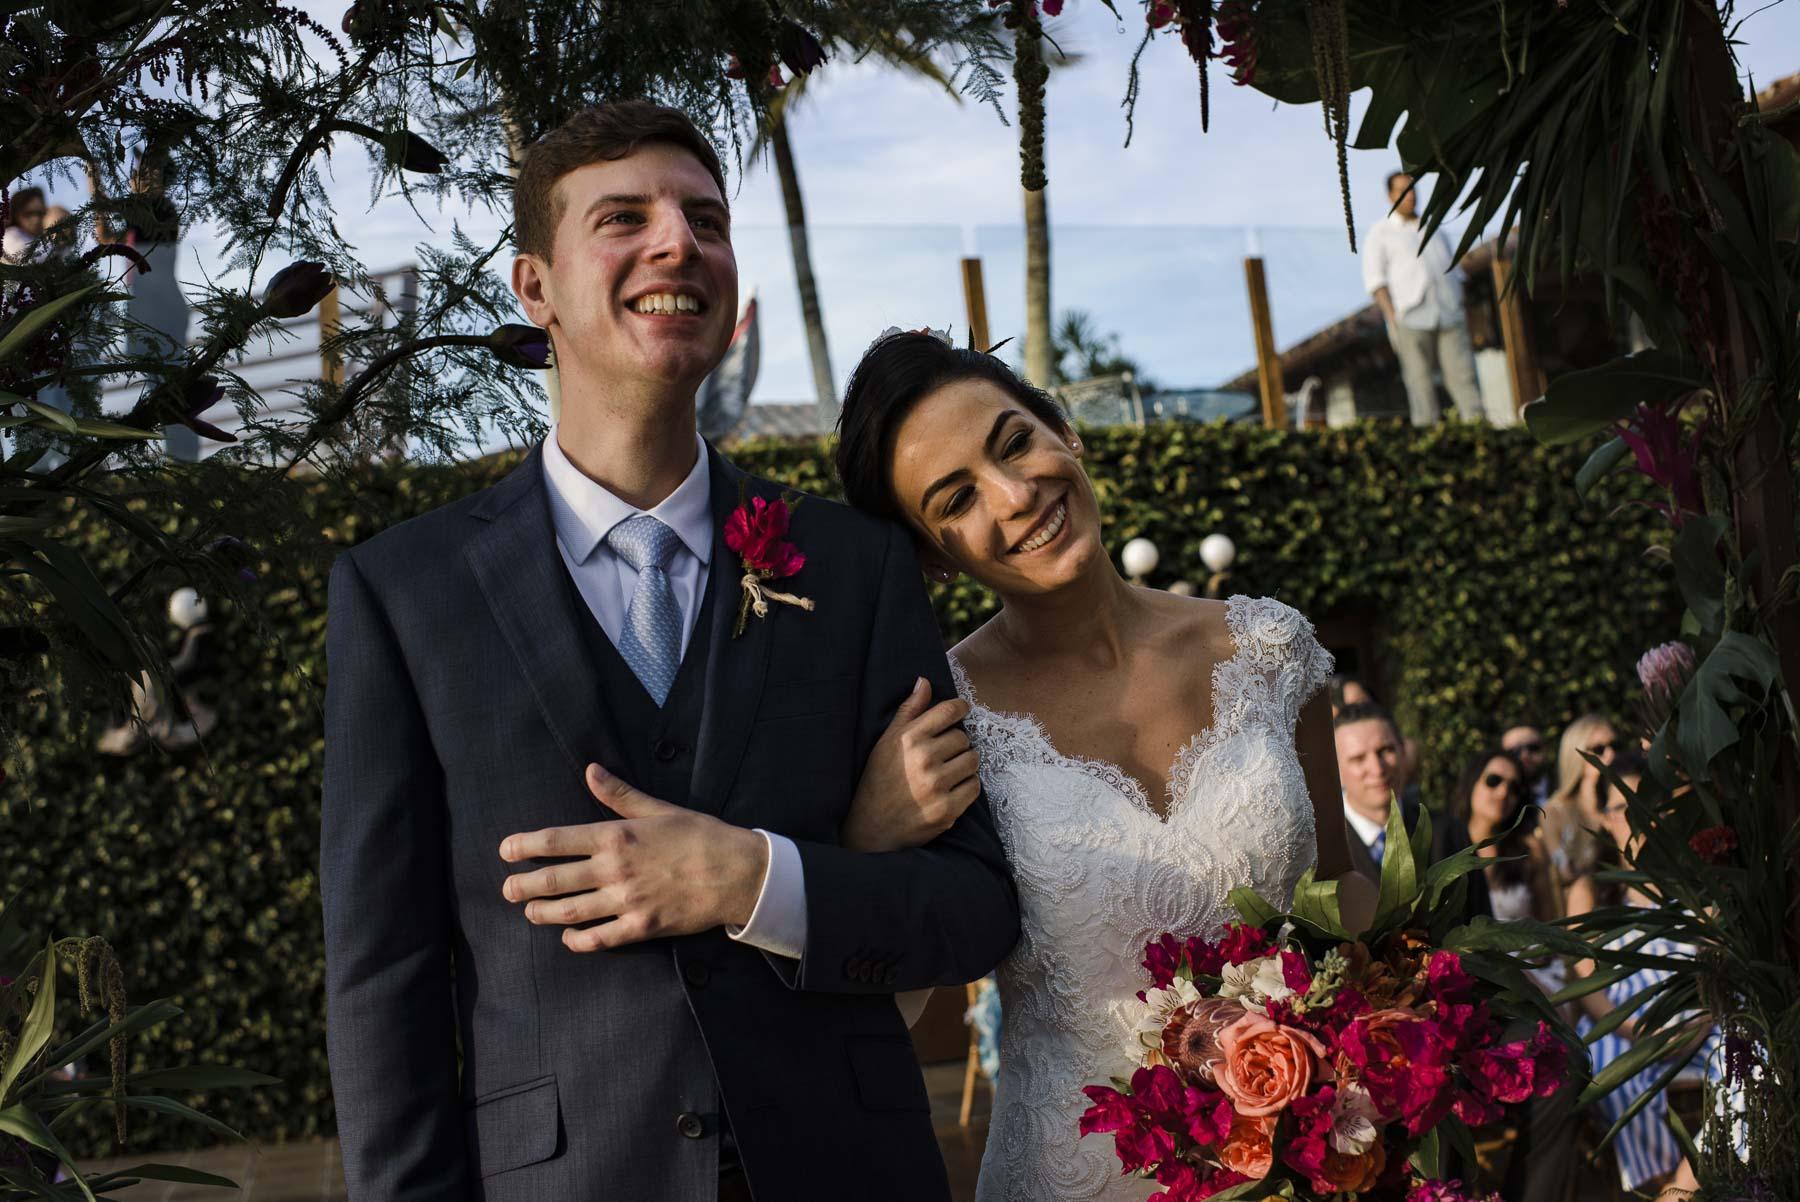 Cérémonie de mariage Elopement de Rio de Janeiro Picture | Alors que la mariée pose sa tête sur l'épaule du marié pendant la cérémonie